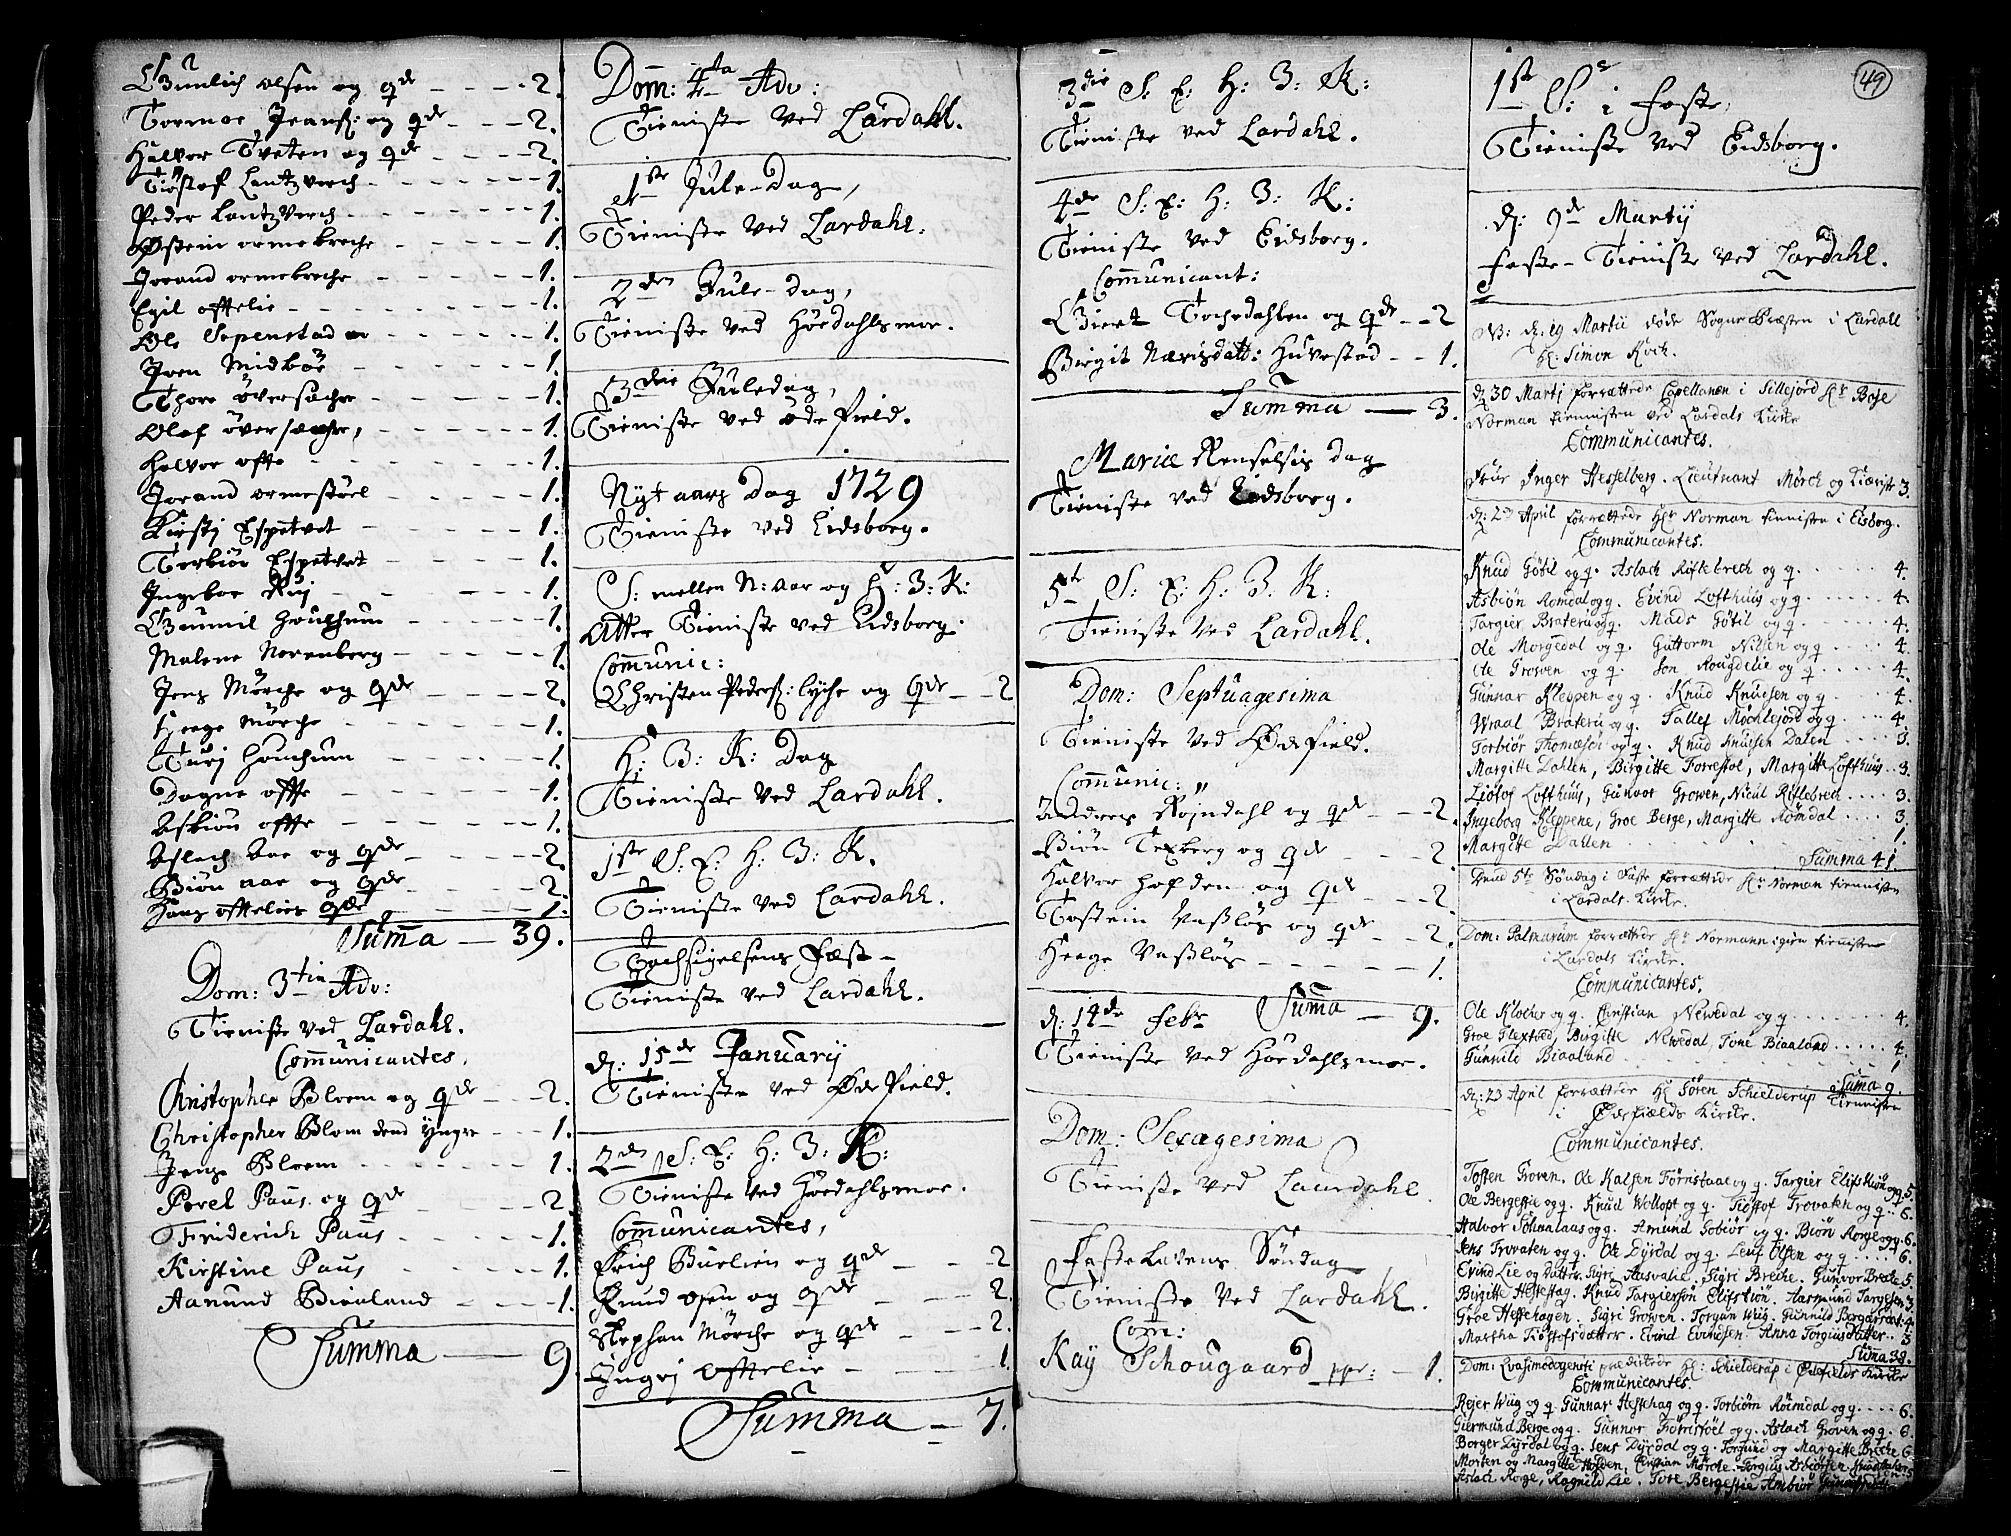 SAKO, Lårdal kirkebøker, F/Fa/L0001: Ministerialbok nr. I 1, 1721-1734, s. 49